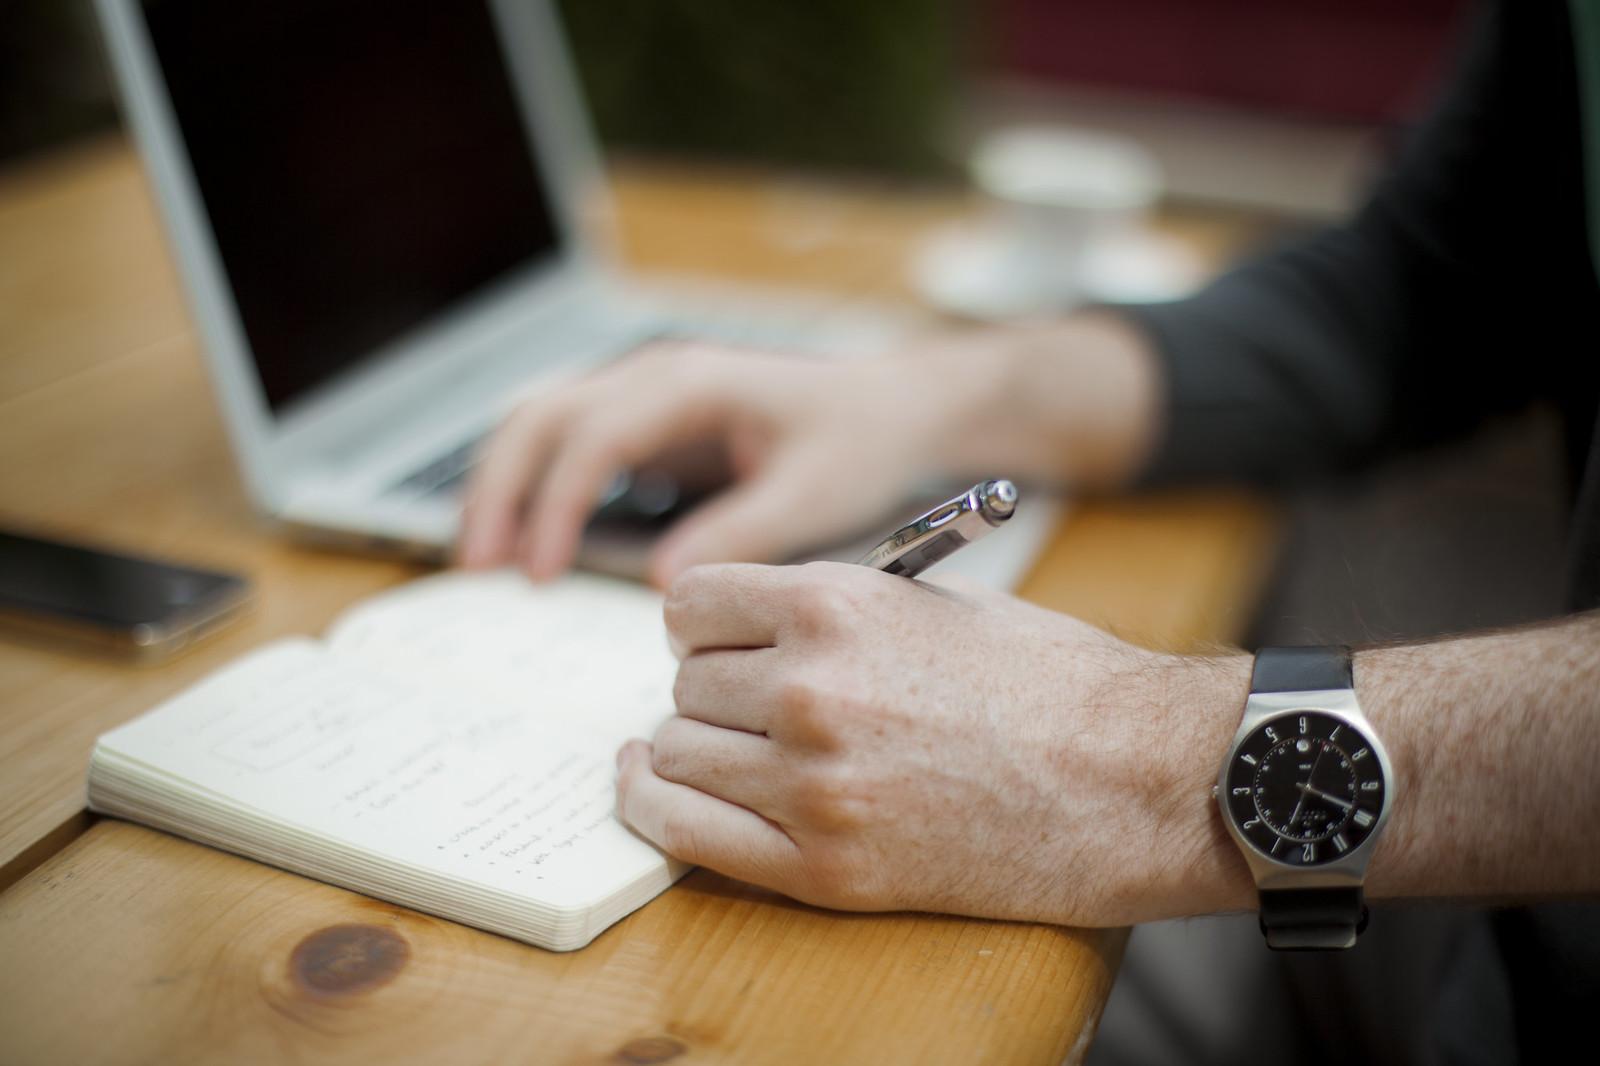 Escribiendo en la Agenda